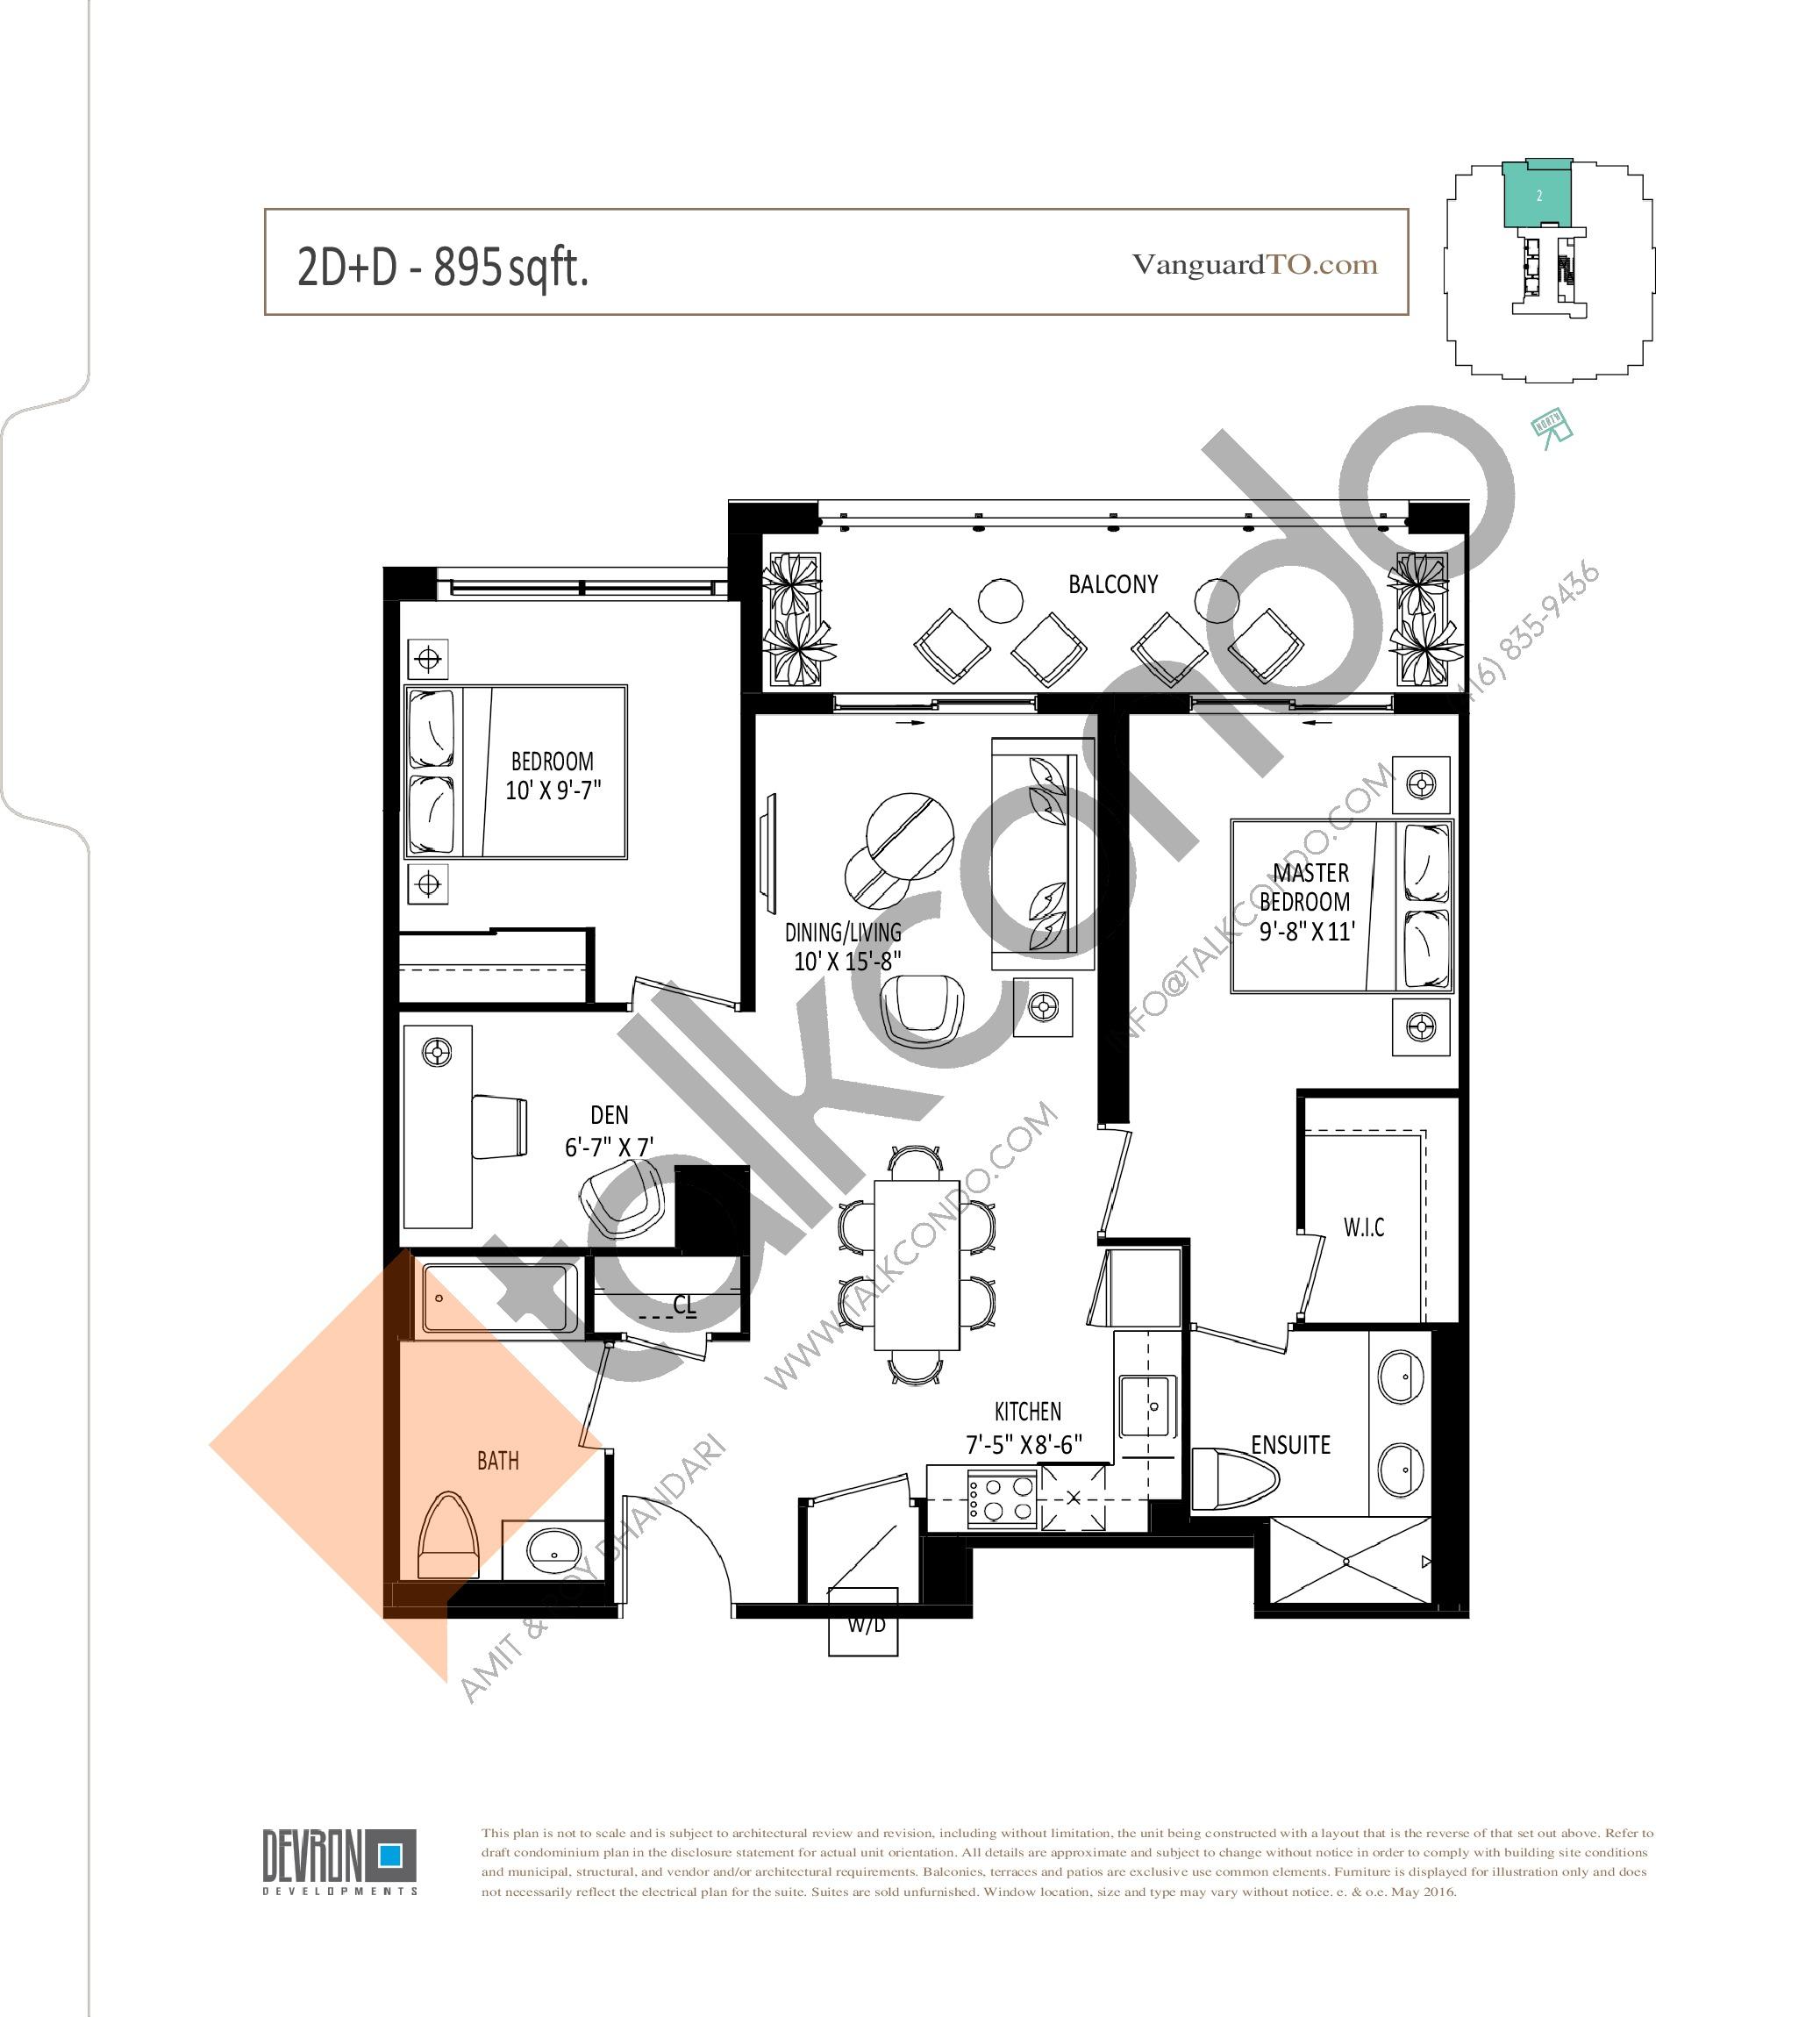 2D+D Floor Plan at The Vanguard - 895 sq.ft